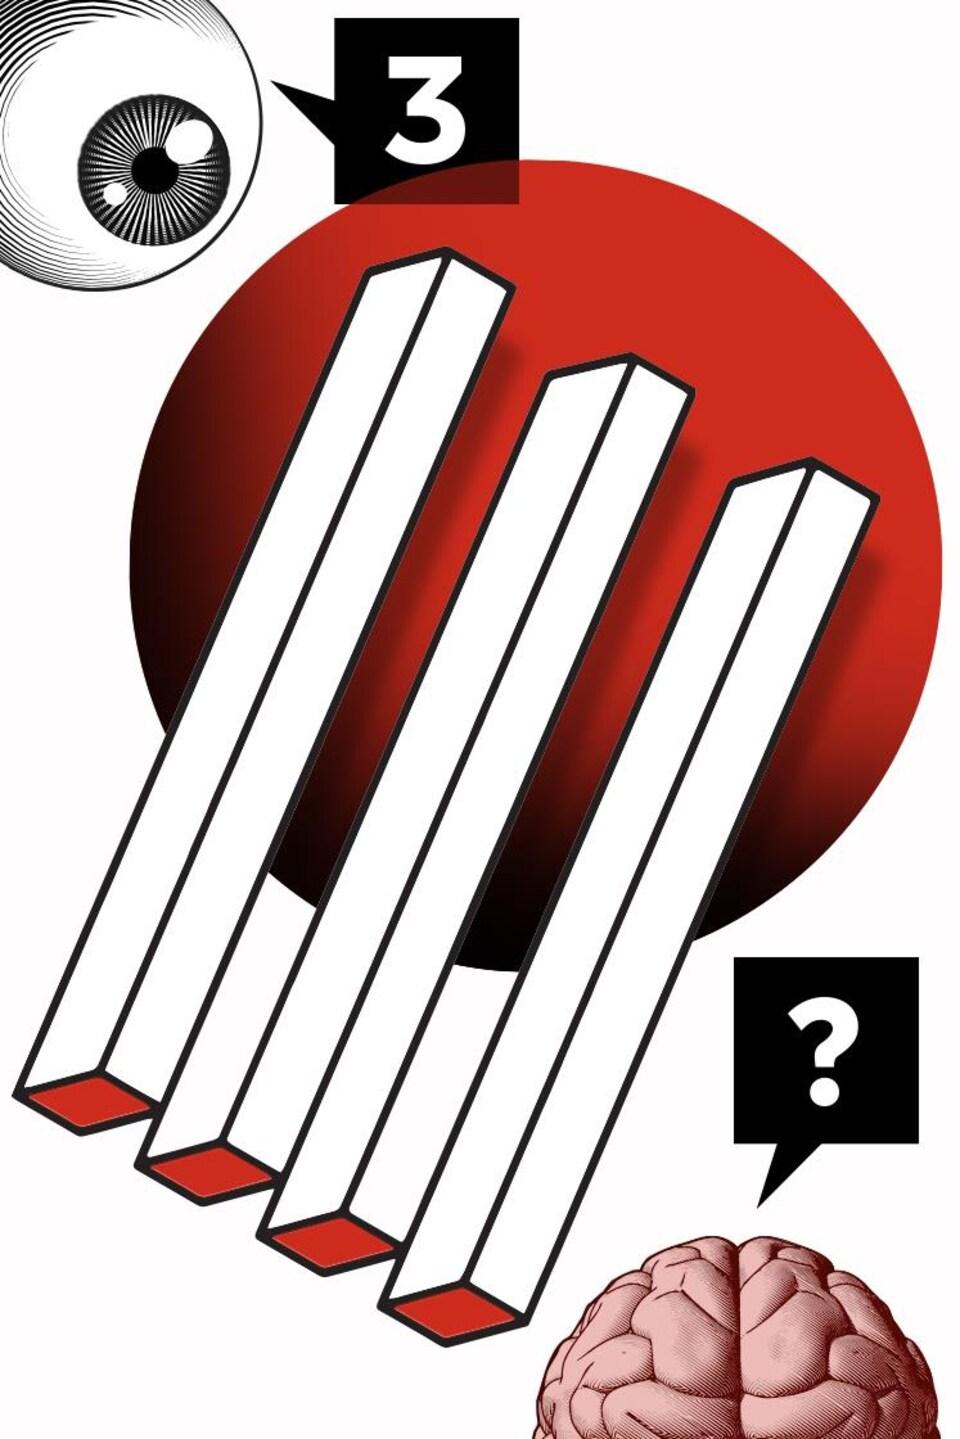 Un oeil humain et un cerveau qui regardent une illusion d'optique où trois bâtonnets semblent se transformer en quatre bâtonnets.